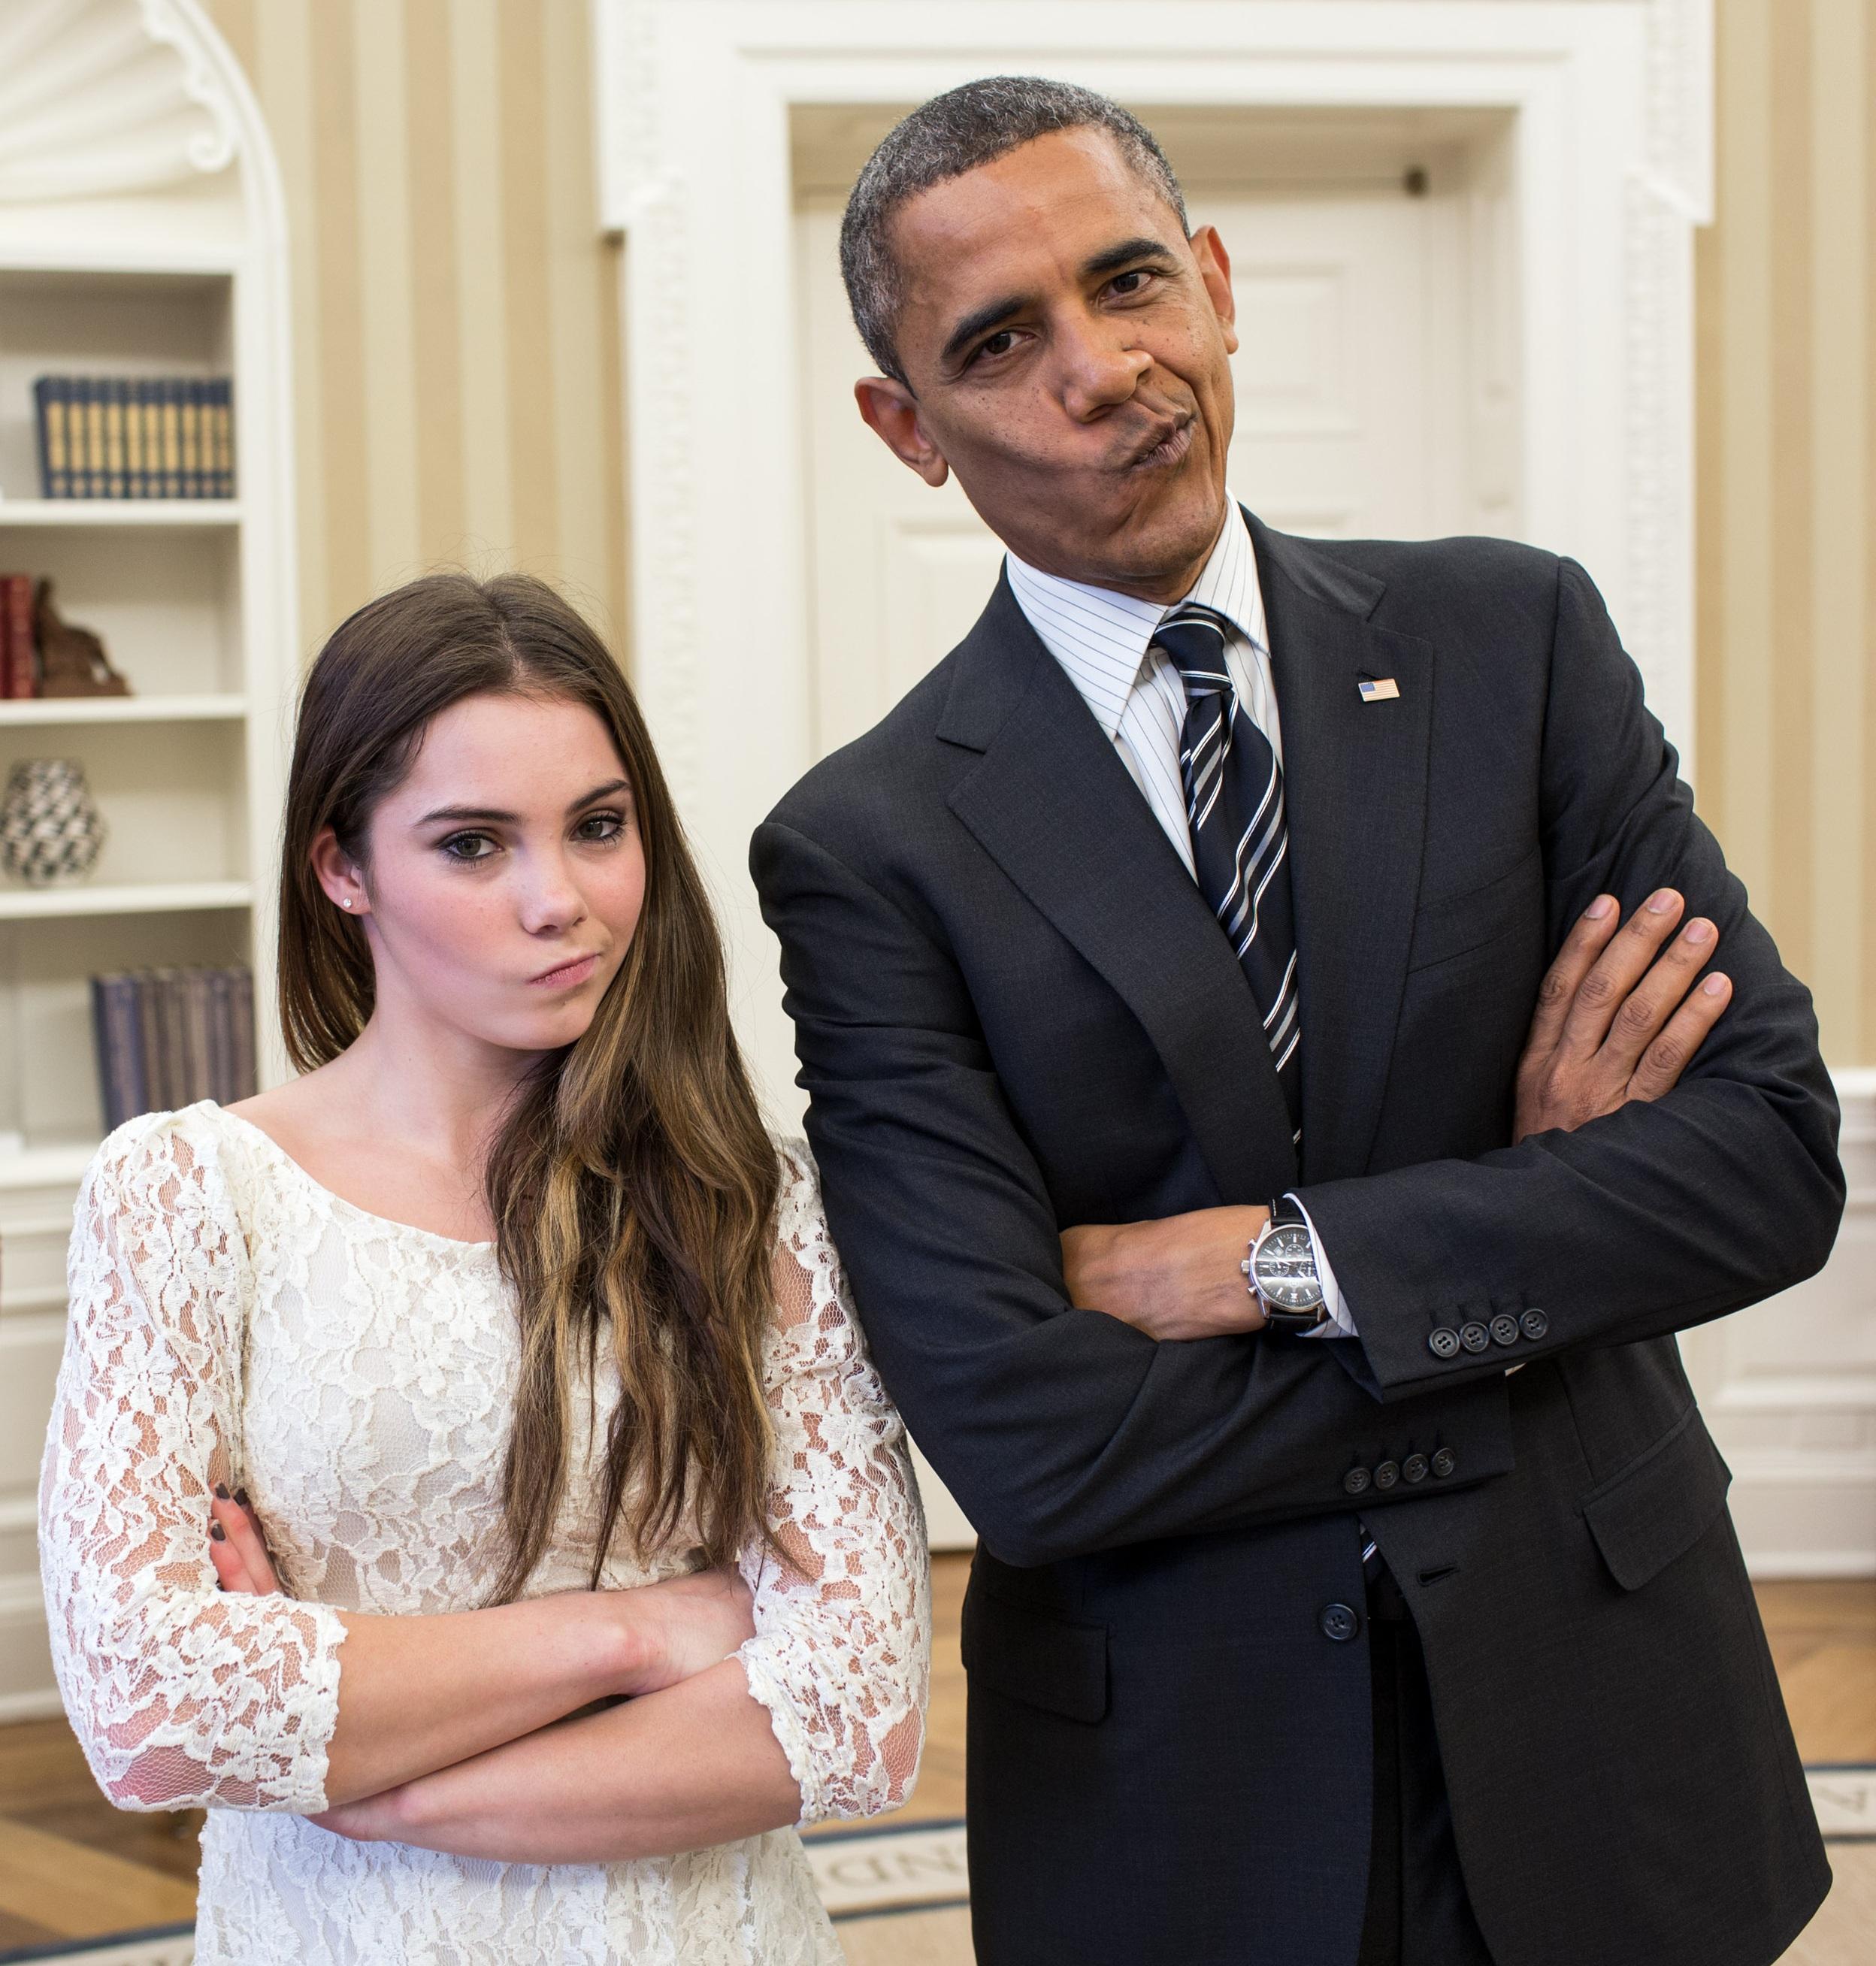 無料画像 おとこ 人 ホワイトハウス 壁紙 面白い ユーモア リラックスした 冗談で フォーマルウェア 楕円形のオフィス 公式写真 バラクオバマはmckayla Maroneyを模倣する マッカイマロニーピンク アメリカン体操選手 オバマはチームを呼んでいる